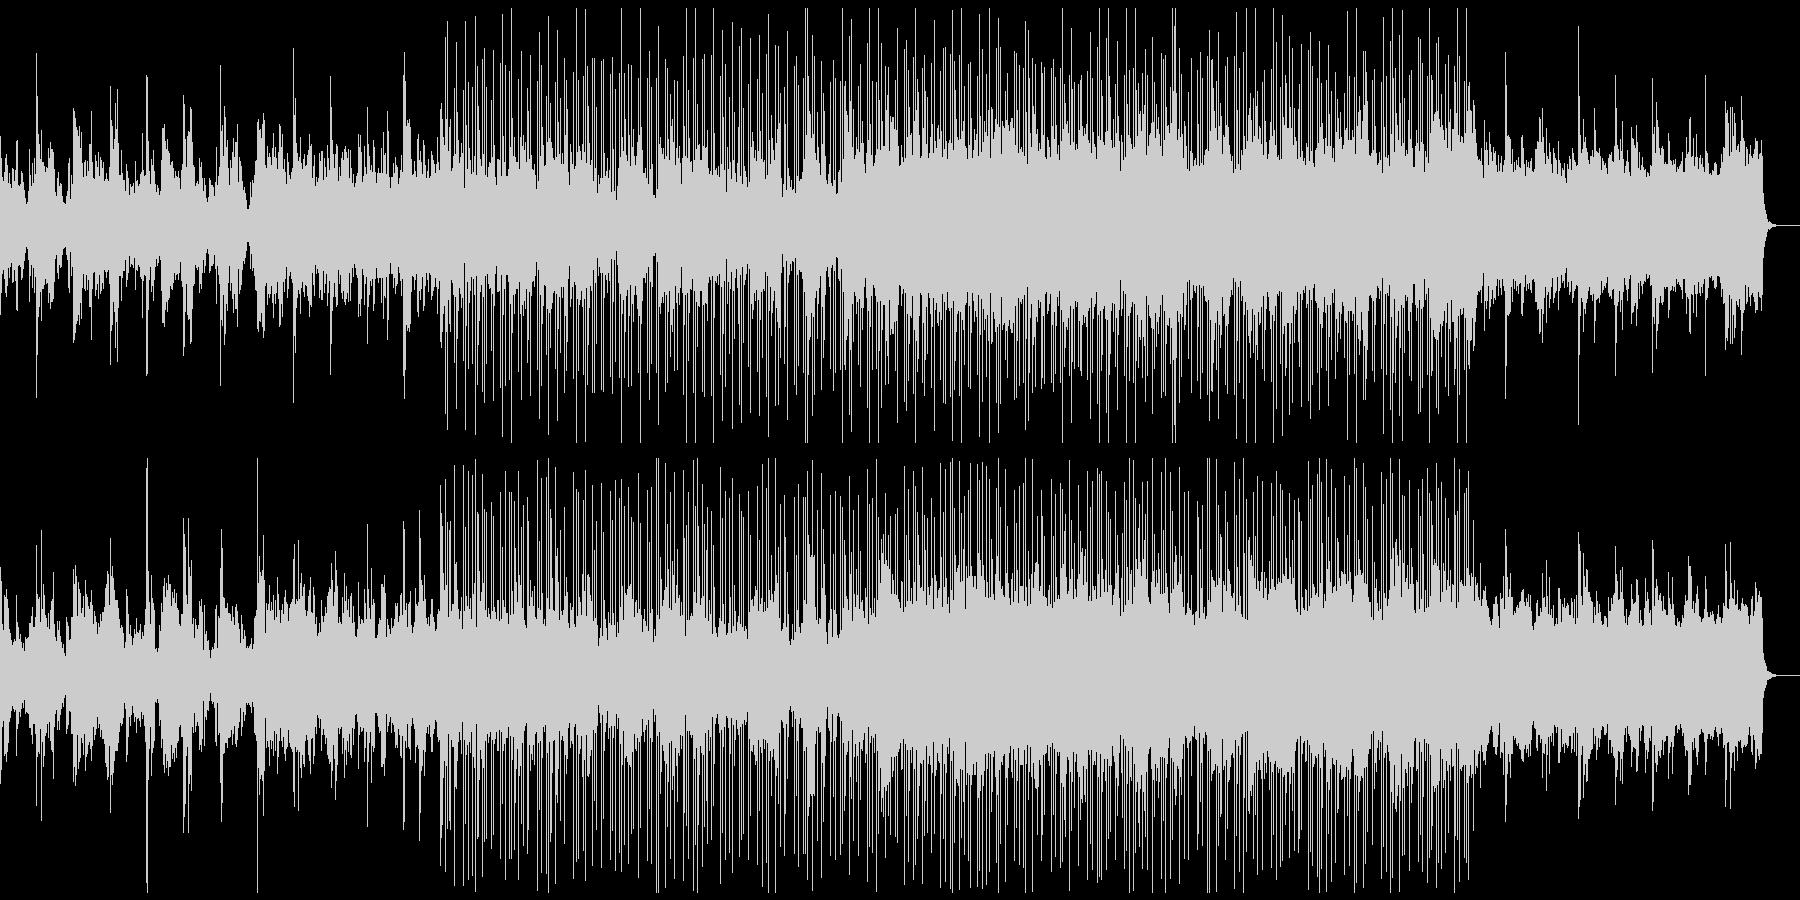 浮遊感のあるアンビエントエレクトロニカの未再生の波形